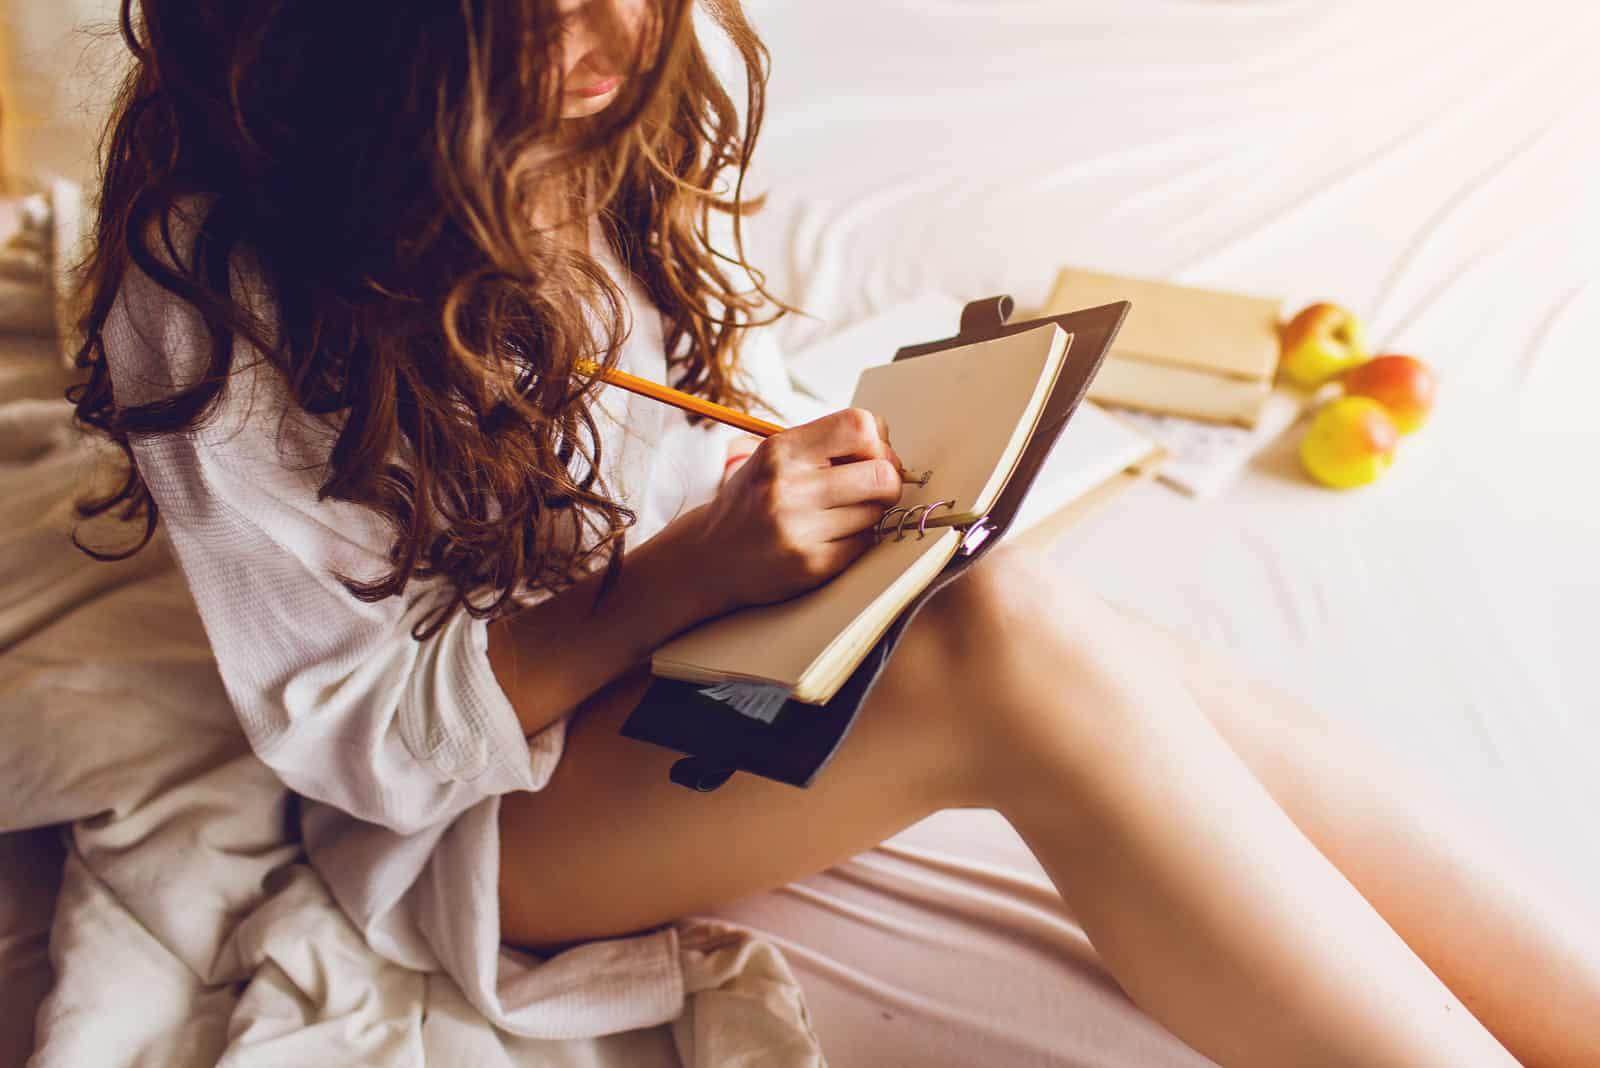 une femme aux longs cheveux bruns est assise et écrit un journal